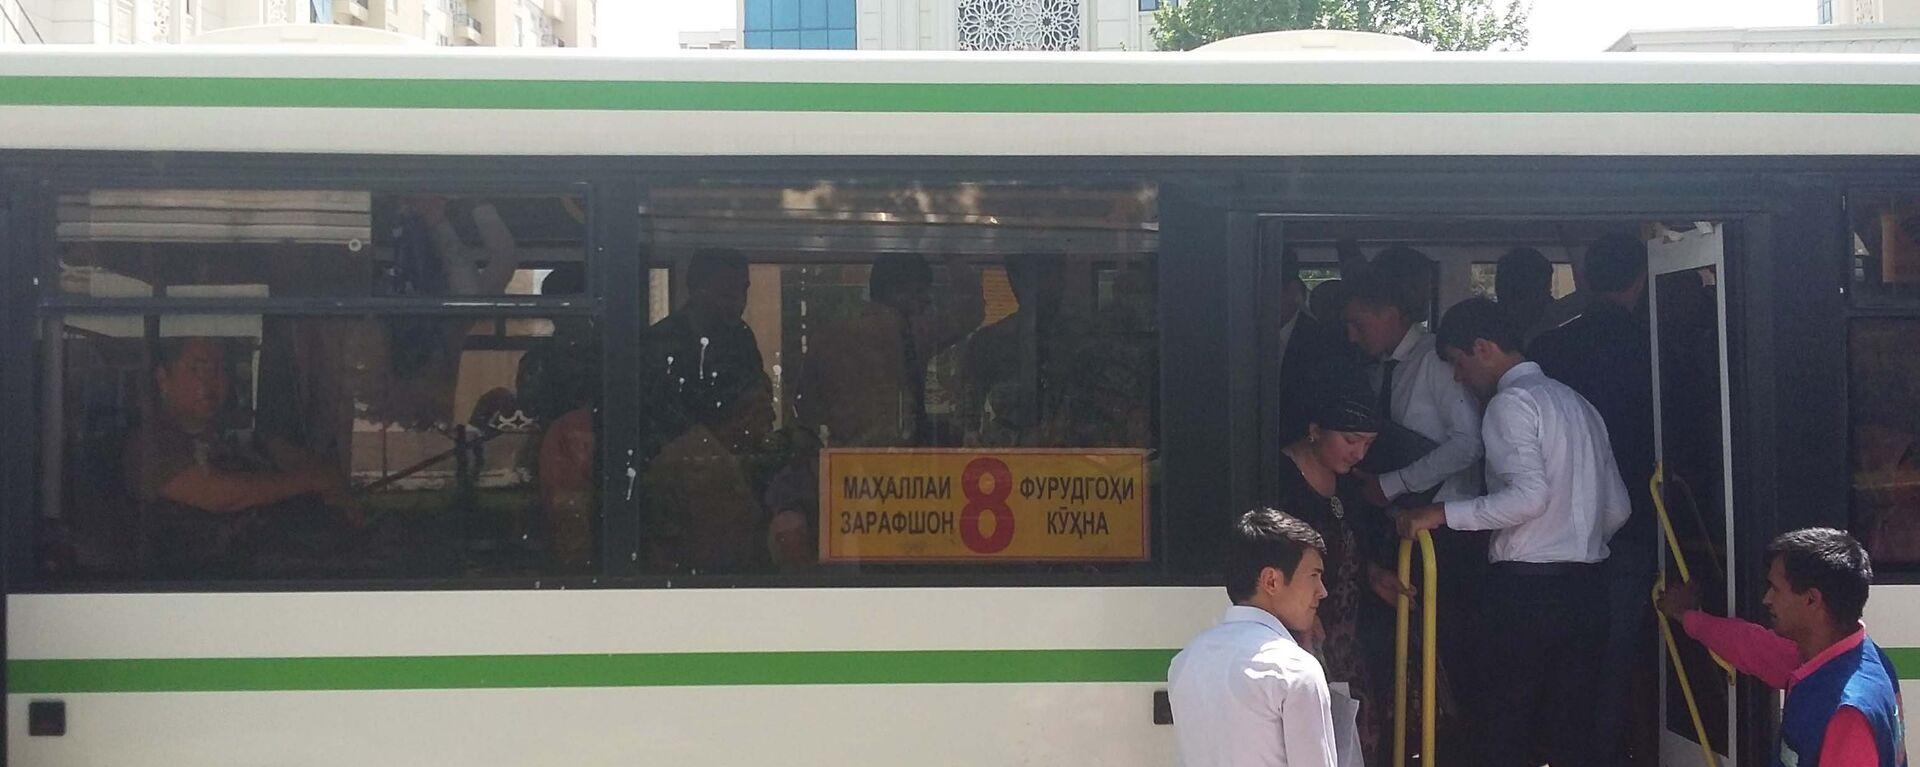 Автобус №8 в Душанбе, архивное фото - Sputnik Тоҷикистон, 1920, 26.07.2021